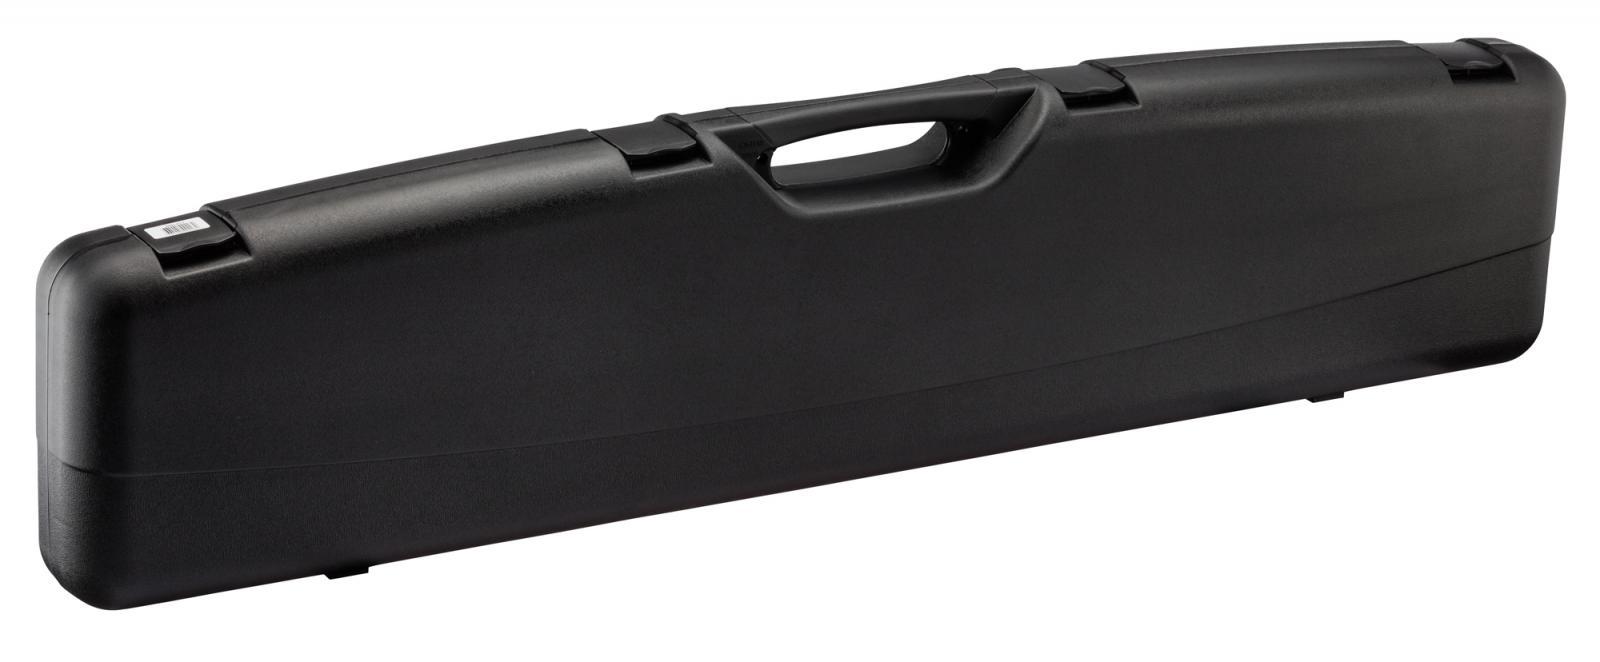 Mallette de transport arme longue noire 1M25